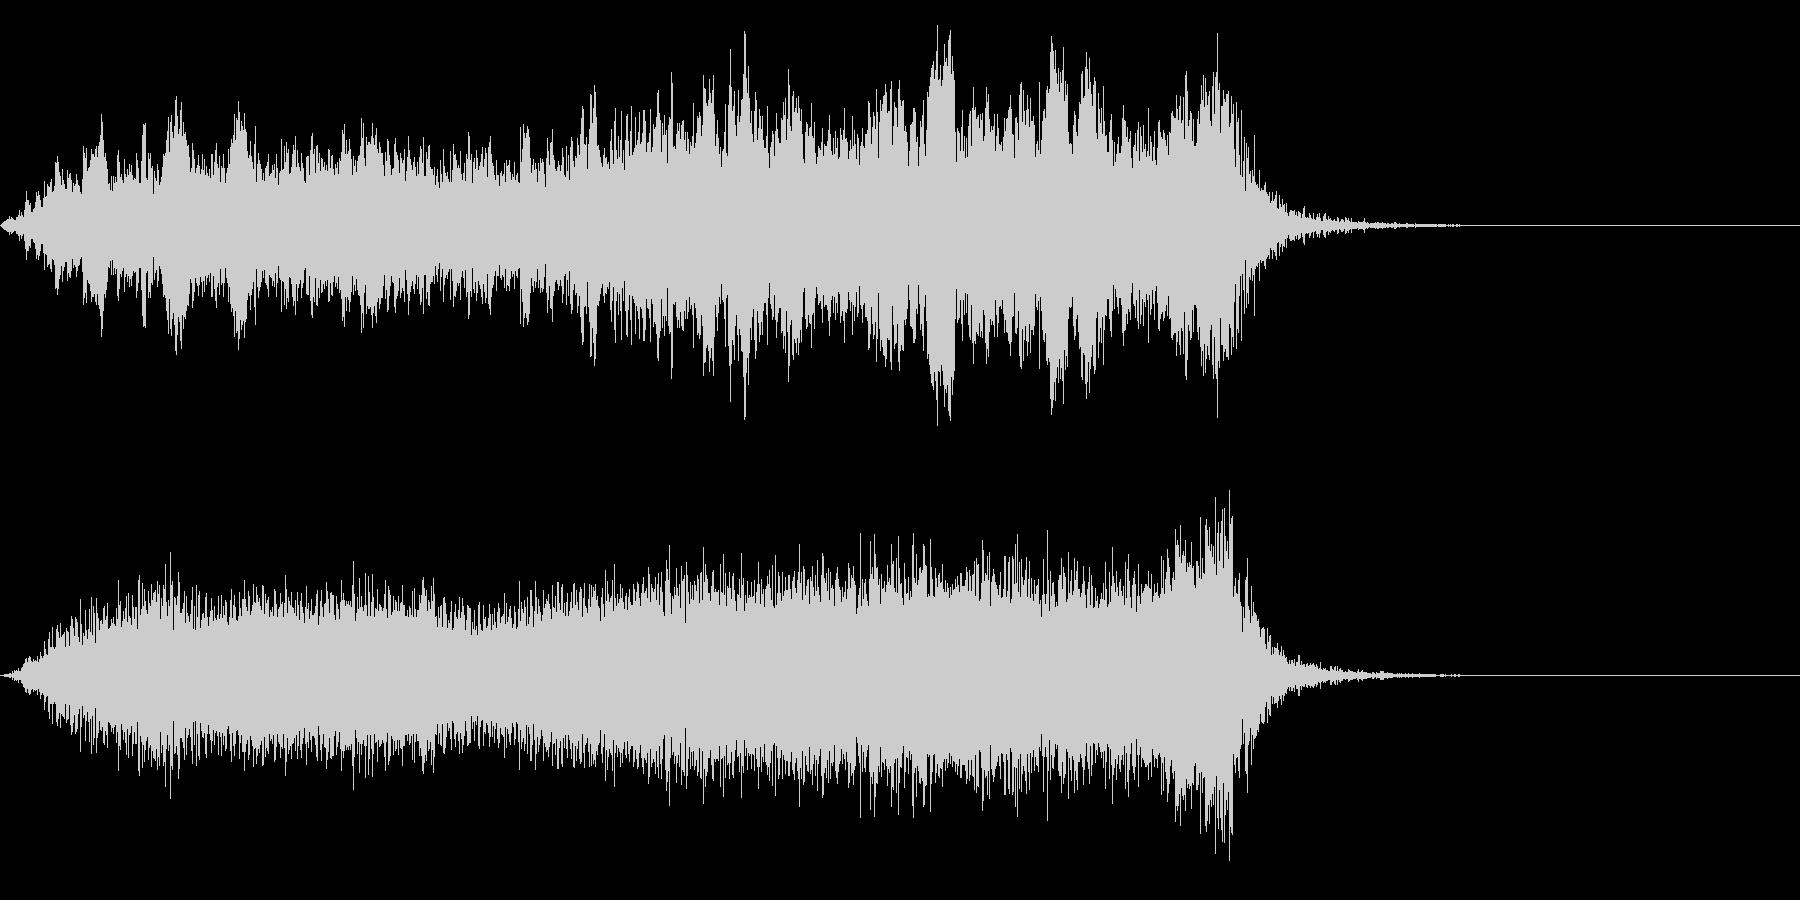 ワープ 宇宙的 未来的な効果音 01bの未再生の波形